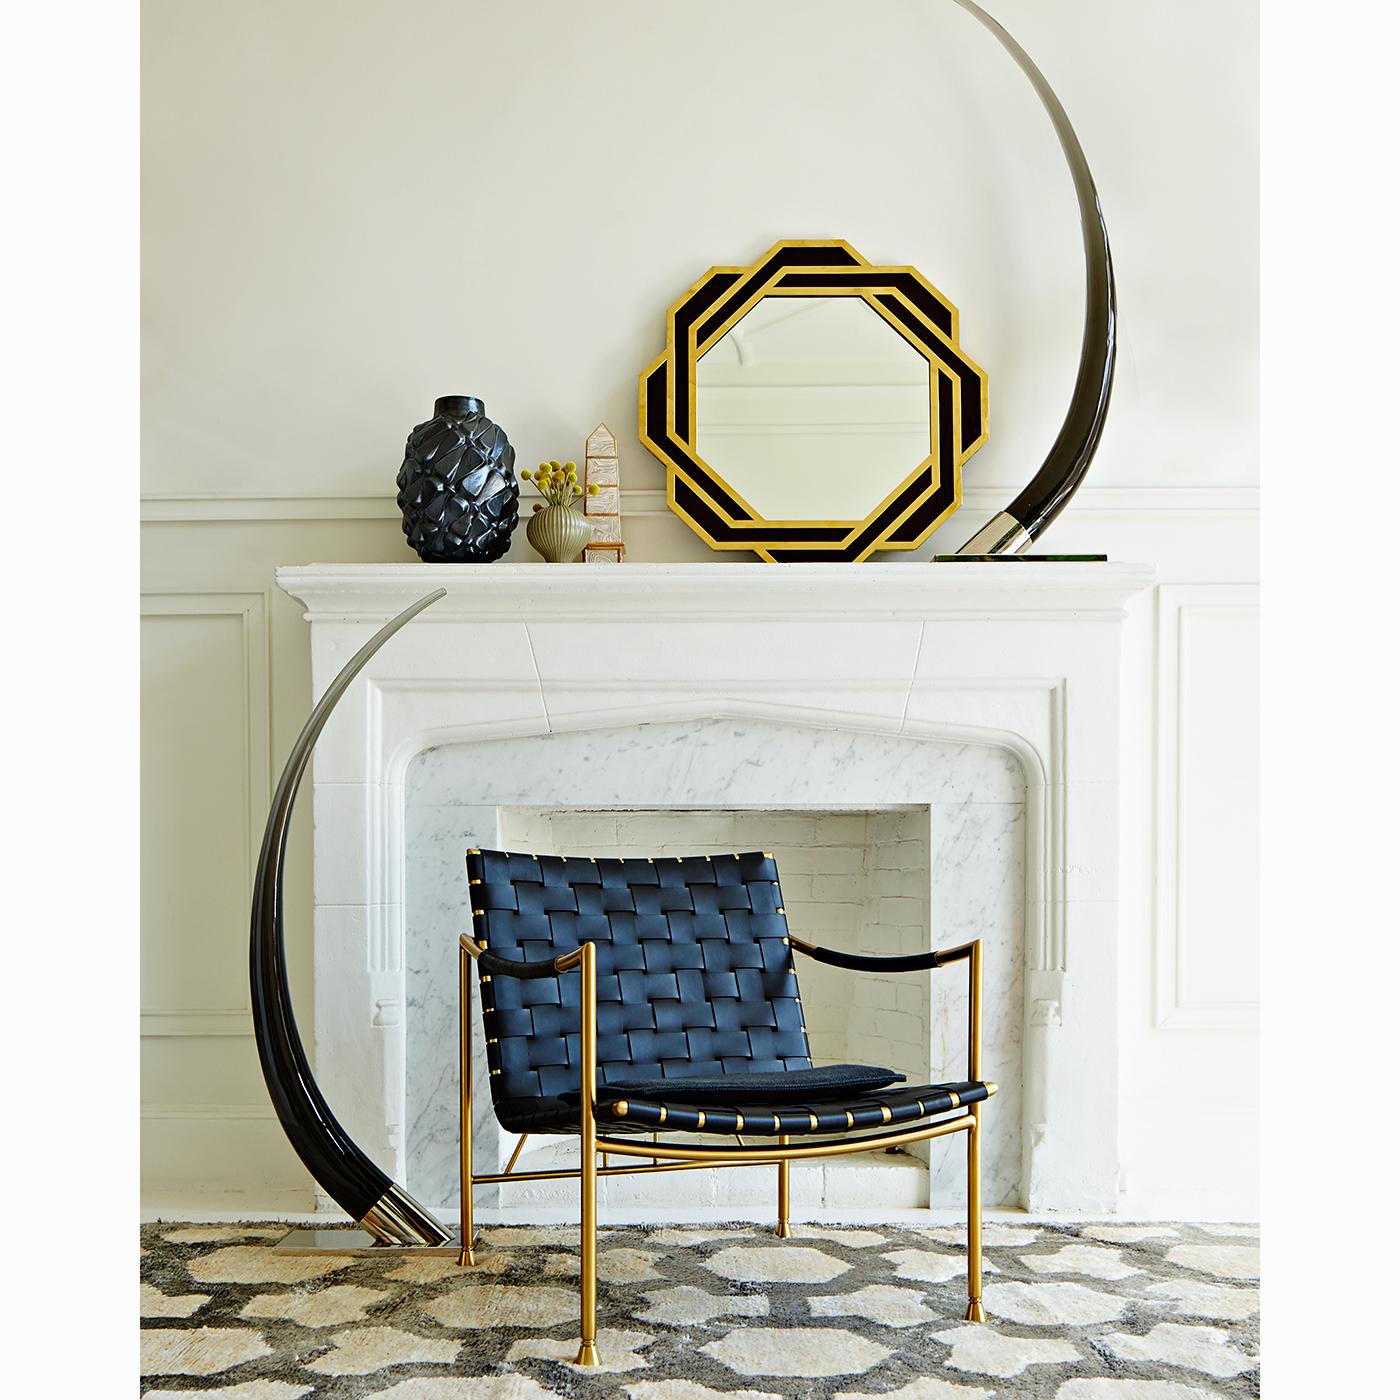 jonathan adler Jonathan Adler: Modern Chairs in a Mid-Century Modern Style Jonathan Adler Modern Chairs in a Mid Century Modern Style 8